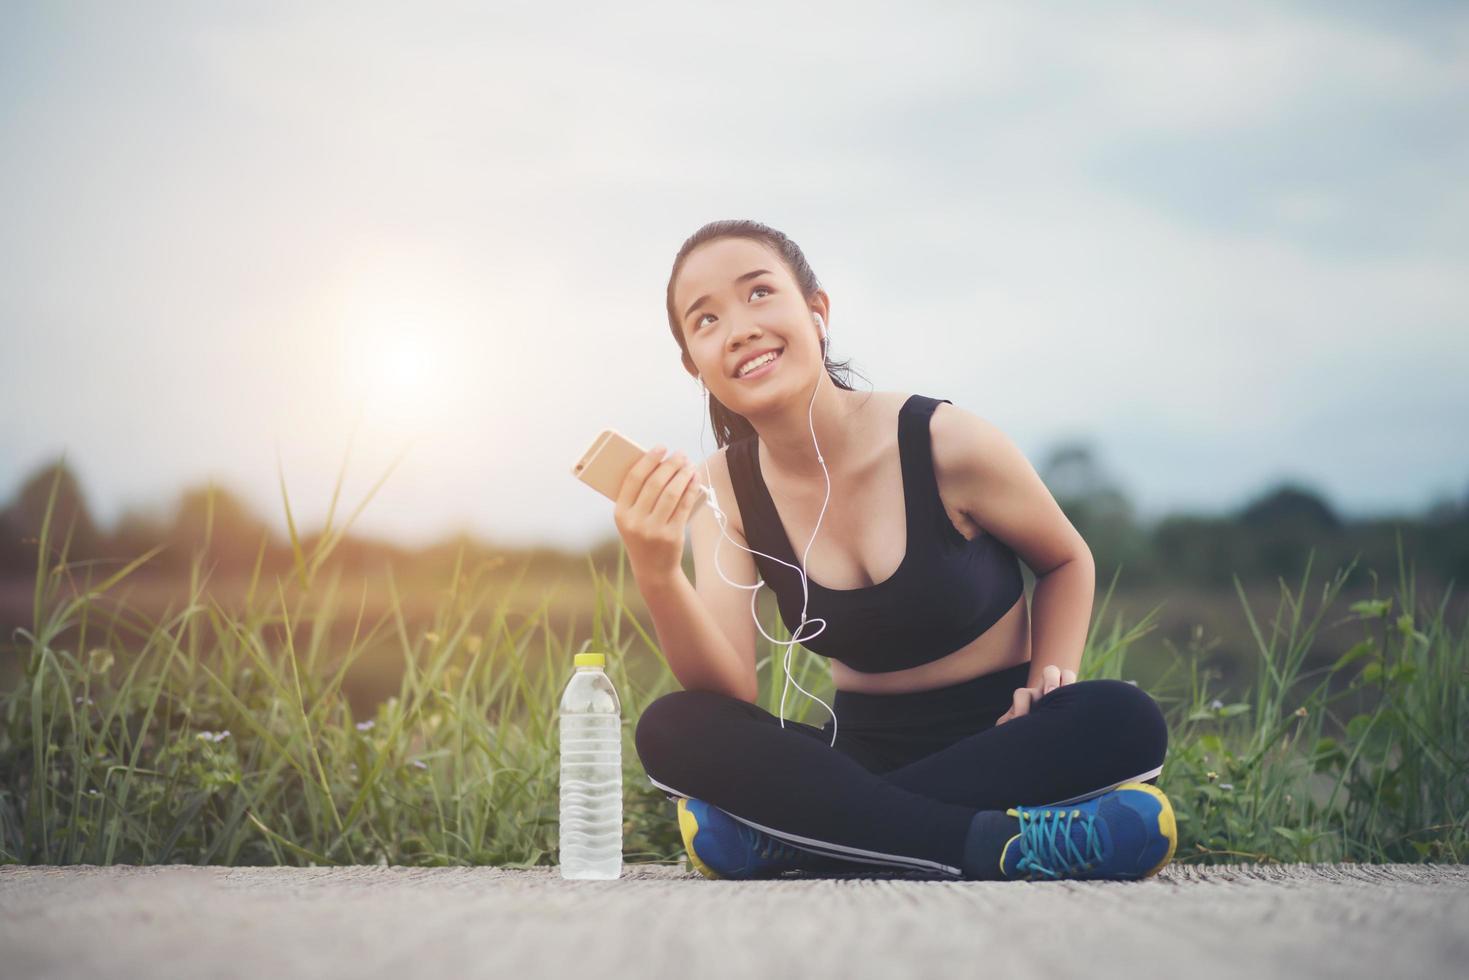 Adolescente fitness con auriculares escuchando música durante su entrenamiento foto